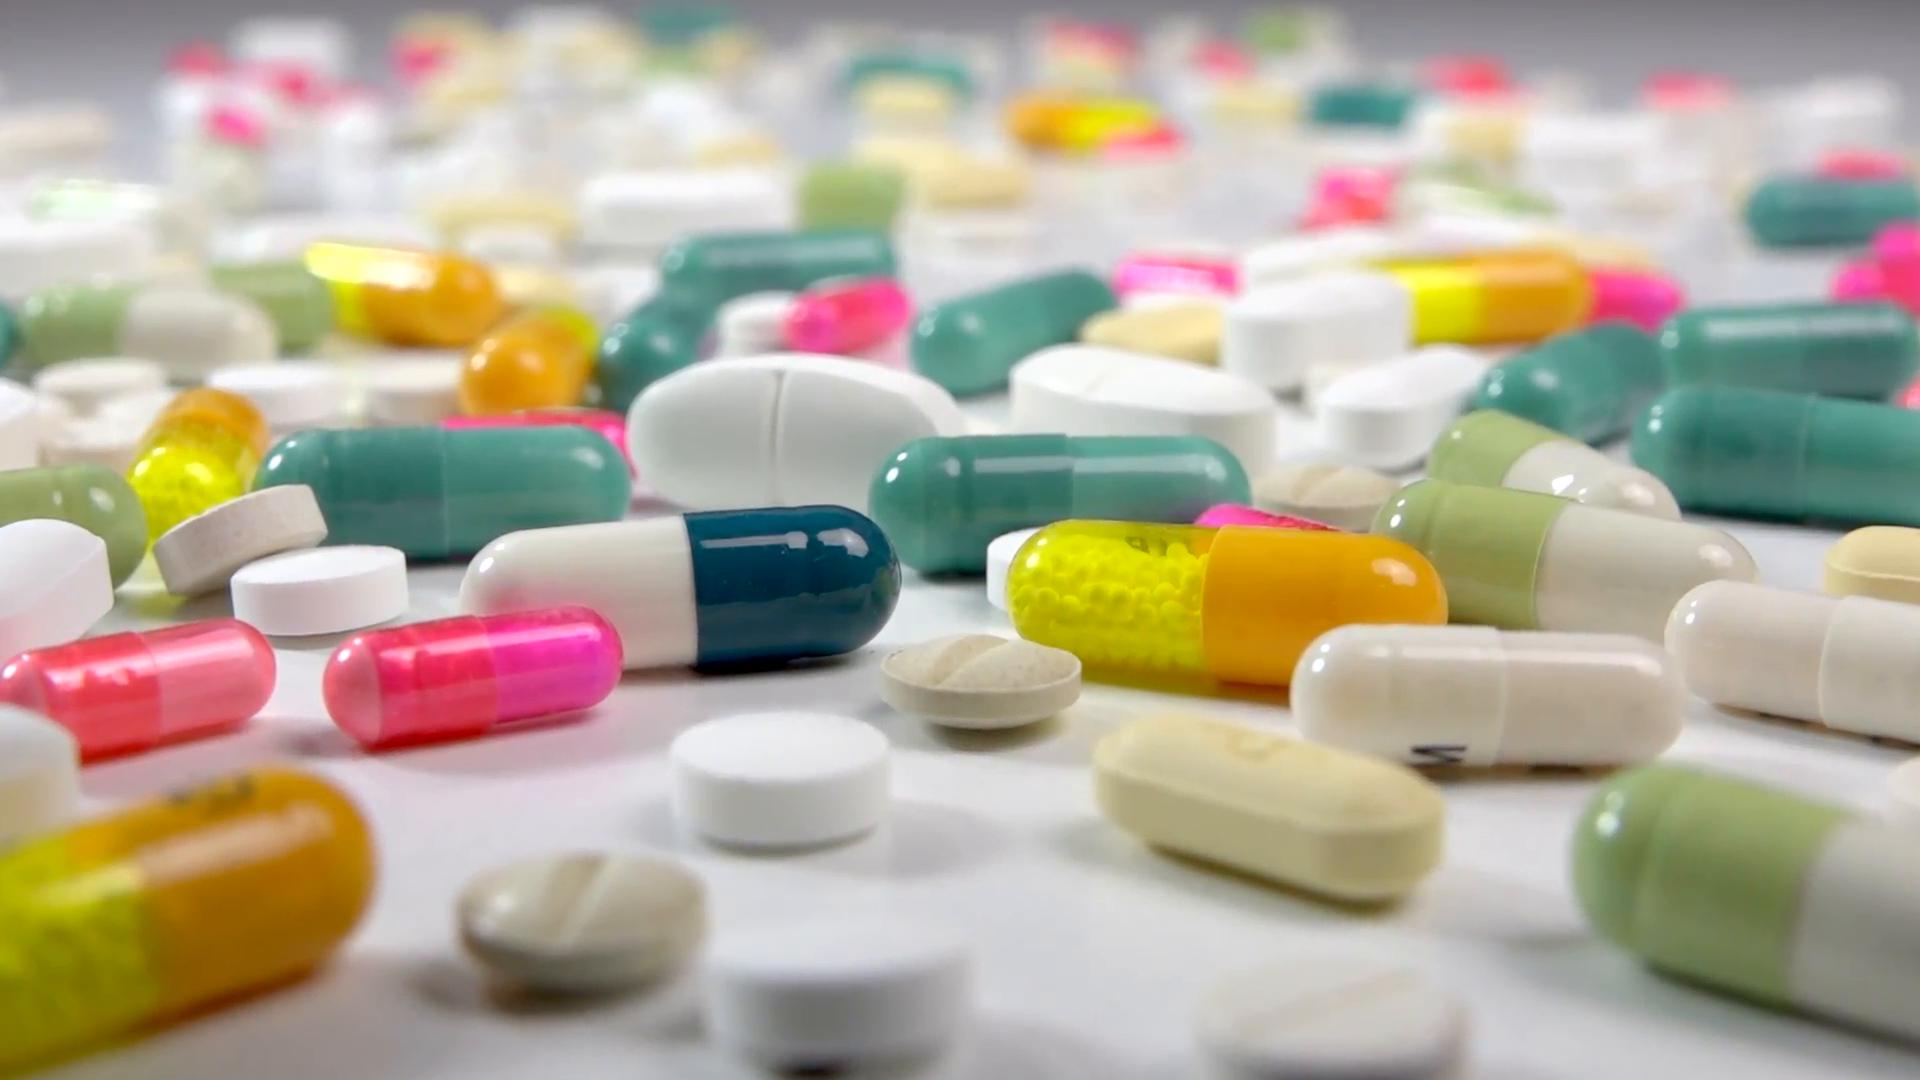 مصرف این داروها اثر واکسن کرونا را از بین میبرد